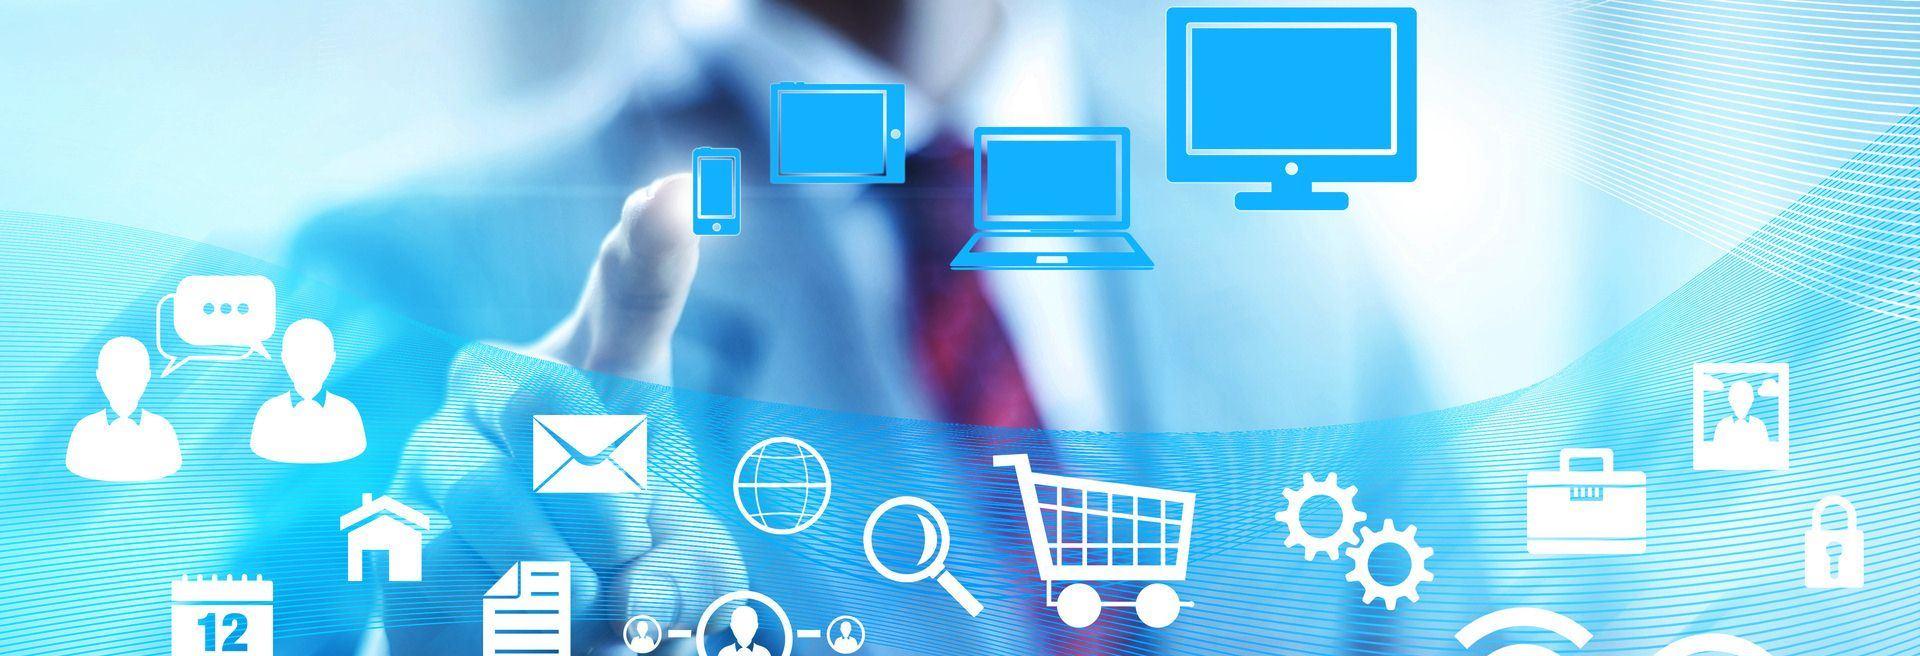 Quel futur pour l'e-commerce ?